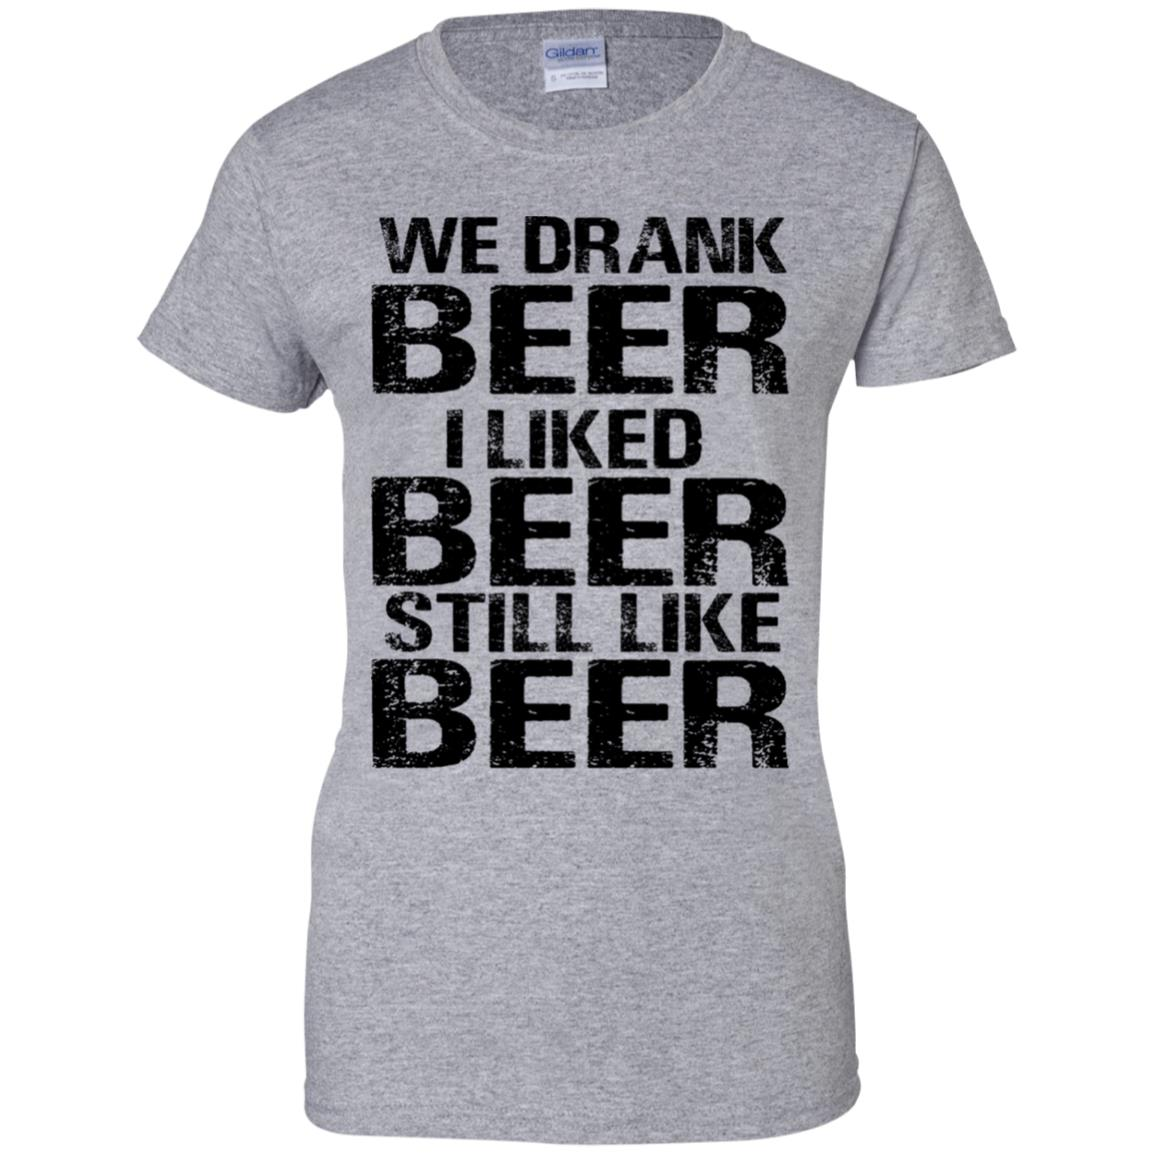 3858f309eba Brett Kavanaugh We drank beer I liked Beer still like Beer shirt - image  380 510x510